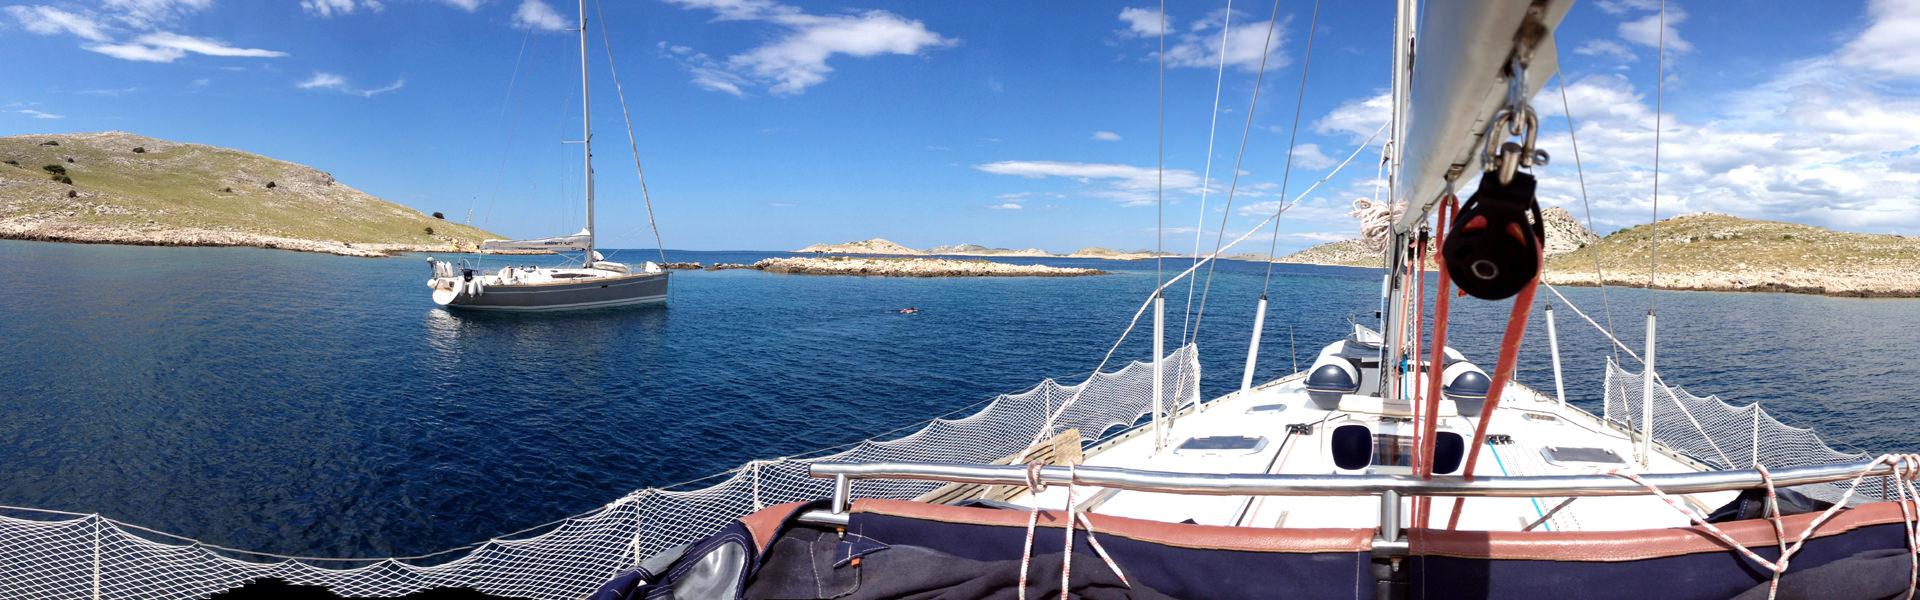 famiglie con bambini vacanze crociere barca a vela in croazia